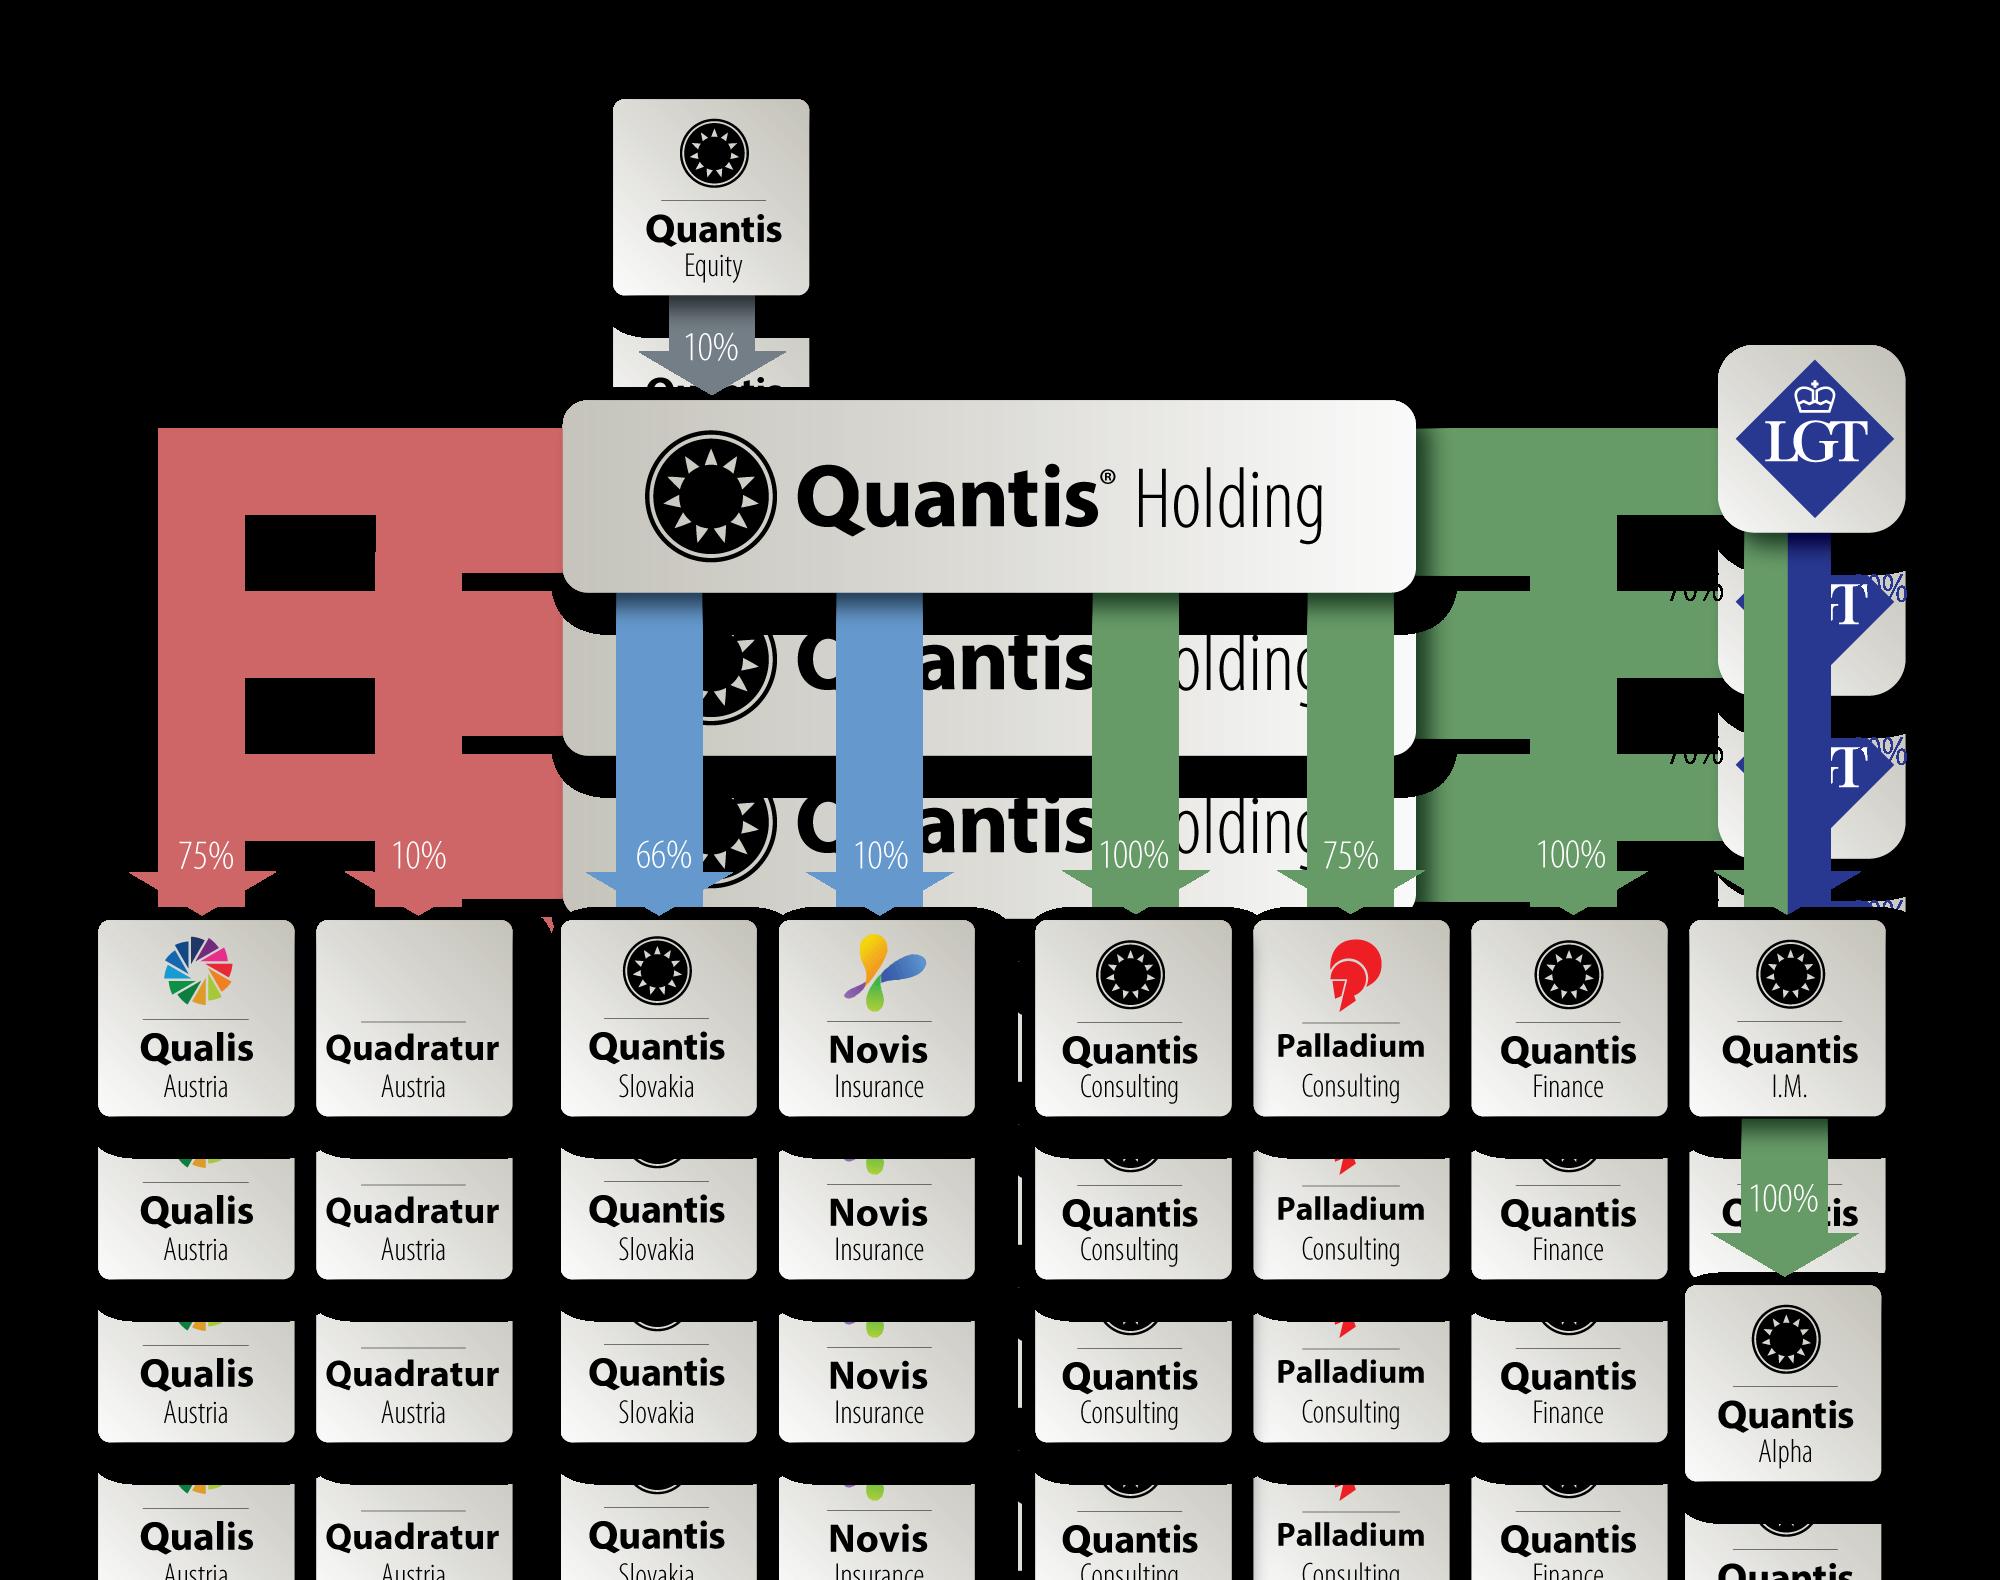 Quantis holding